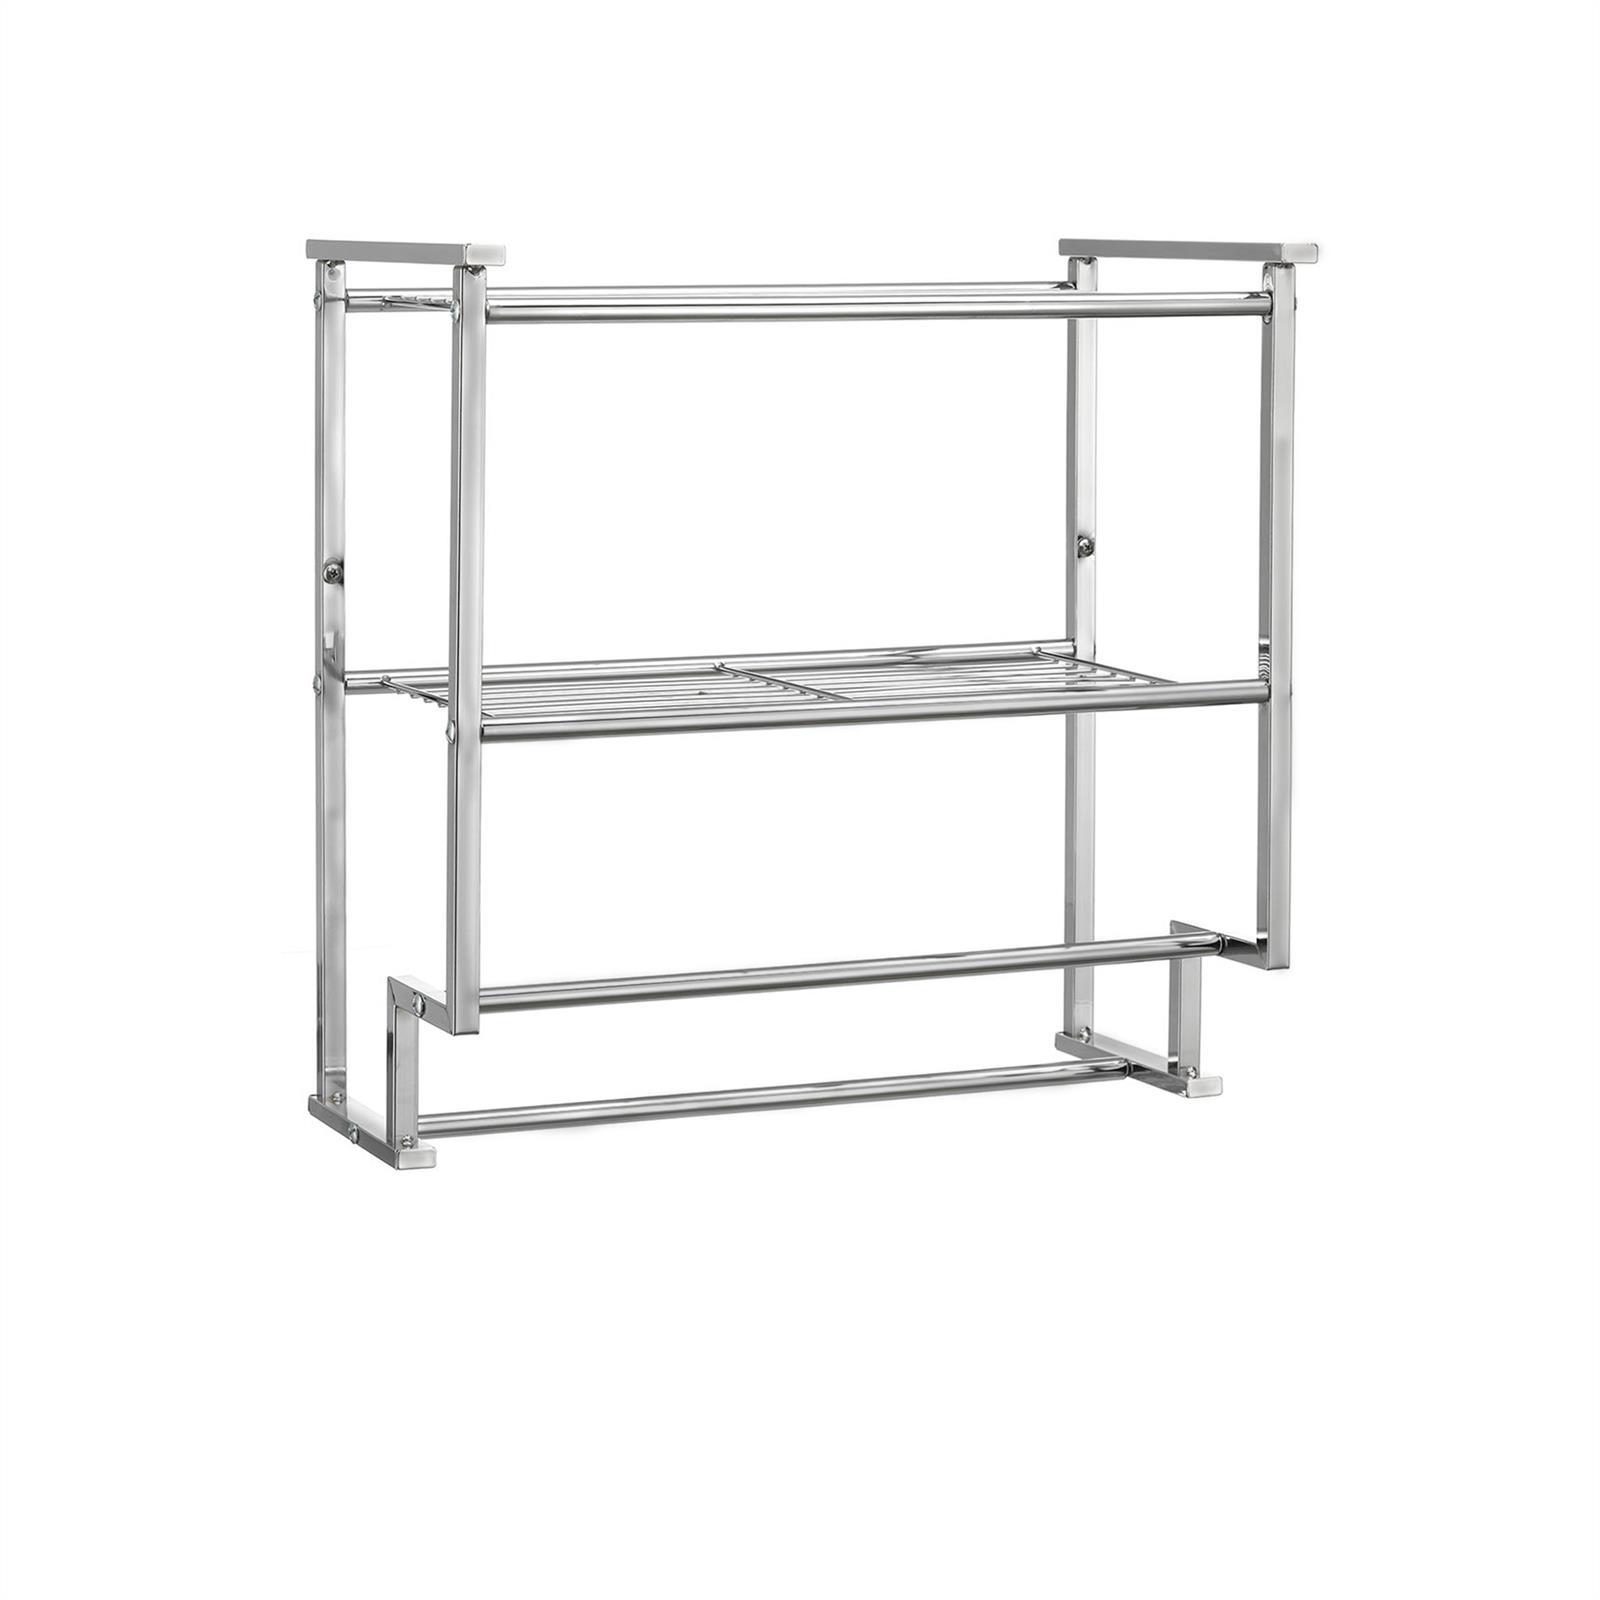 bad wandregal handtuchhalter h ngeregal 45 cm breit metall. Black Bedroom Furniture Sets. Home Design Ideas